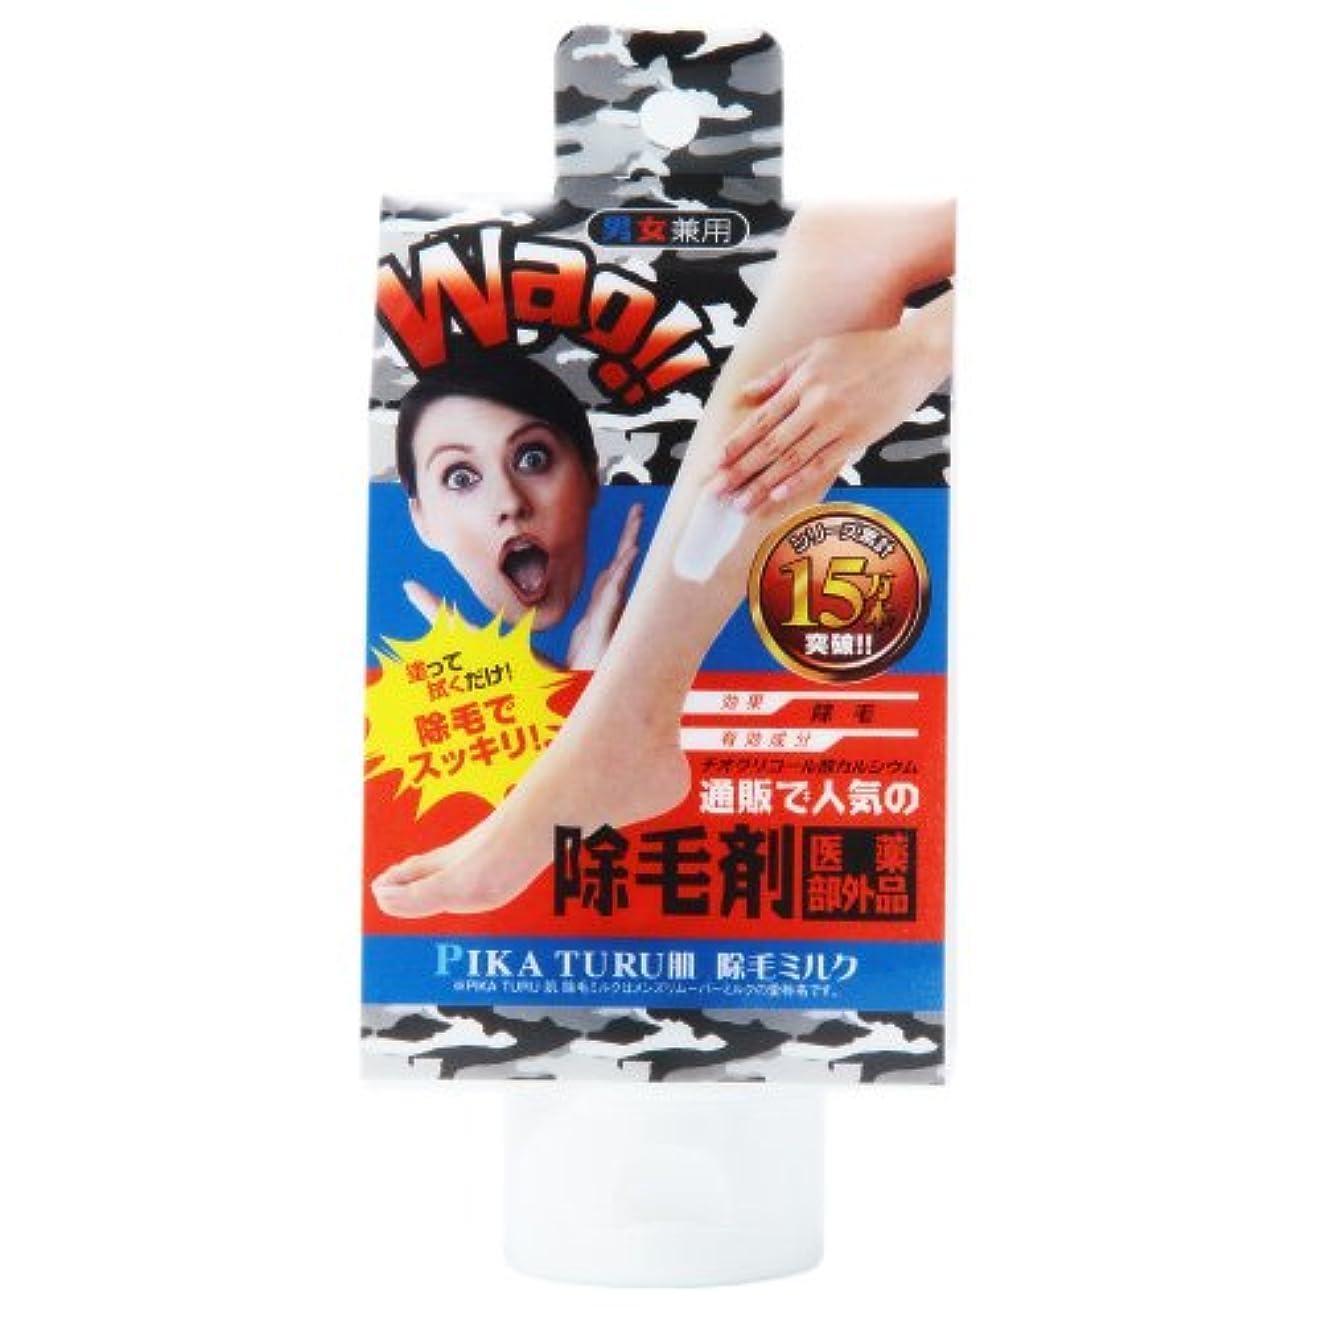 ディンカルビル議題肉のピカツル肌除毛ミルク(120g)